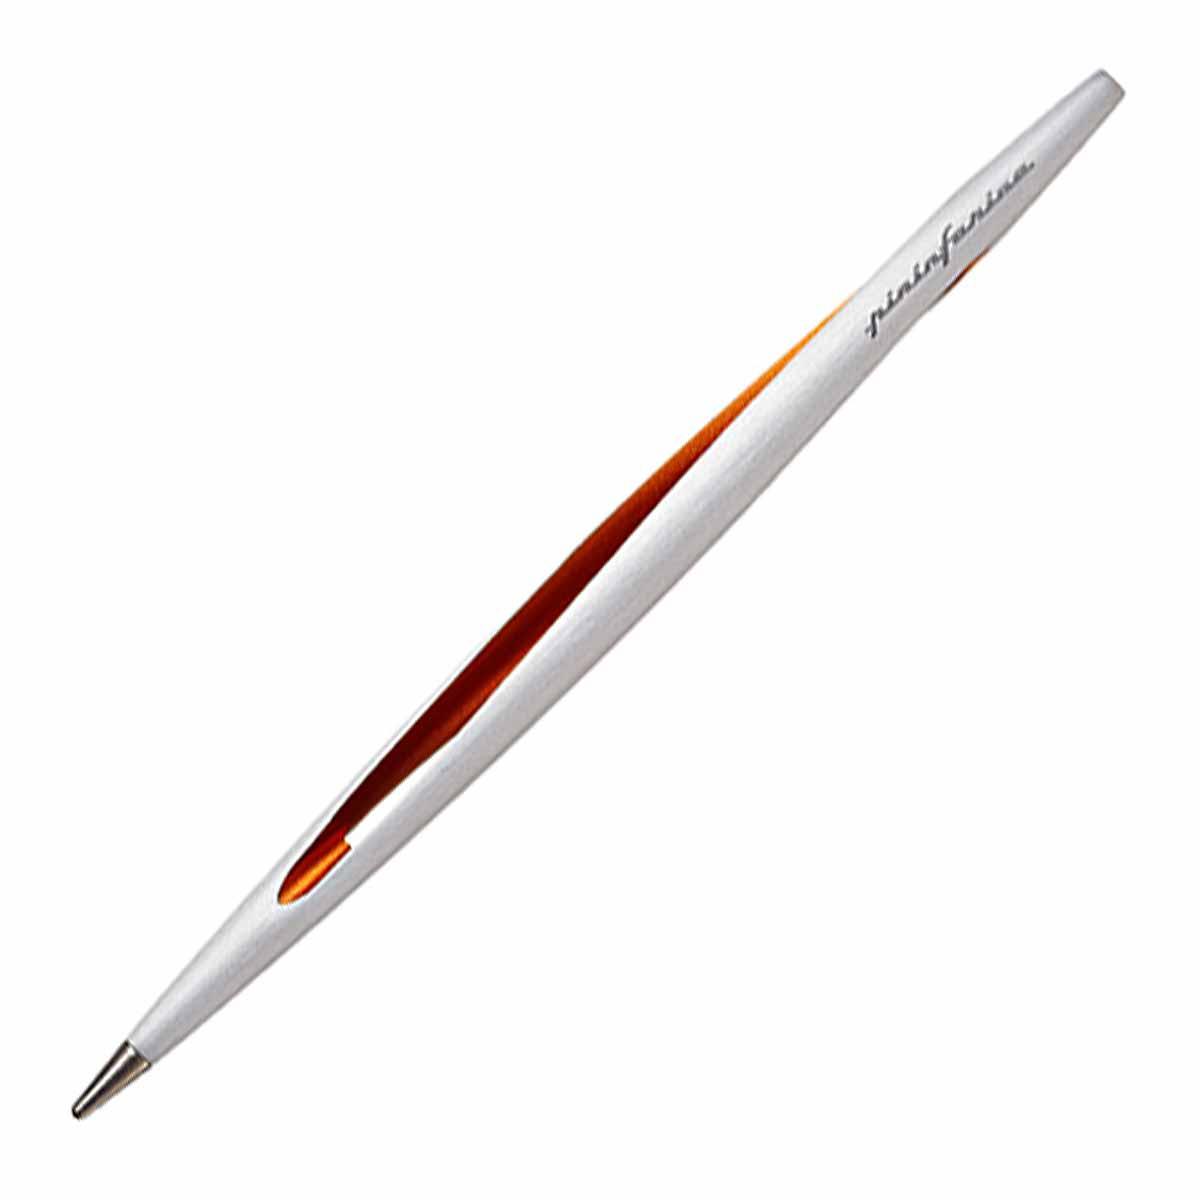 毎週更新 即納可能 名入れ不可 1万円台 ピニンファリーナ PININFARINA エアロ オレンジ メタルペン 01668 在庫一掃